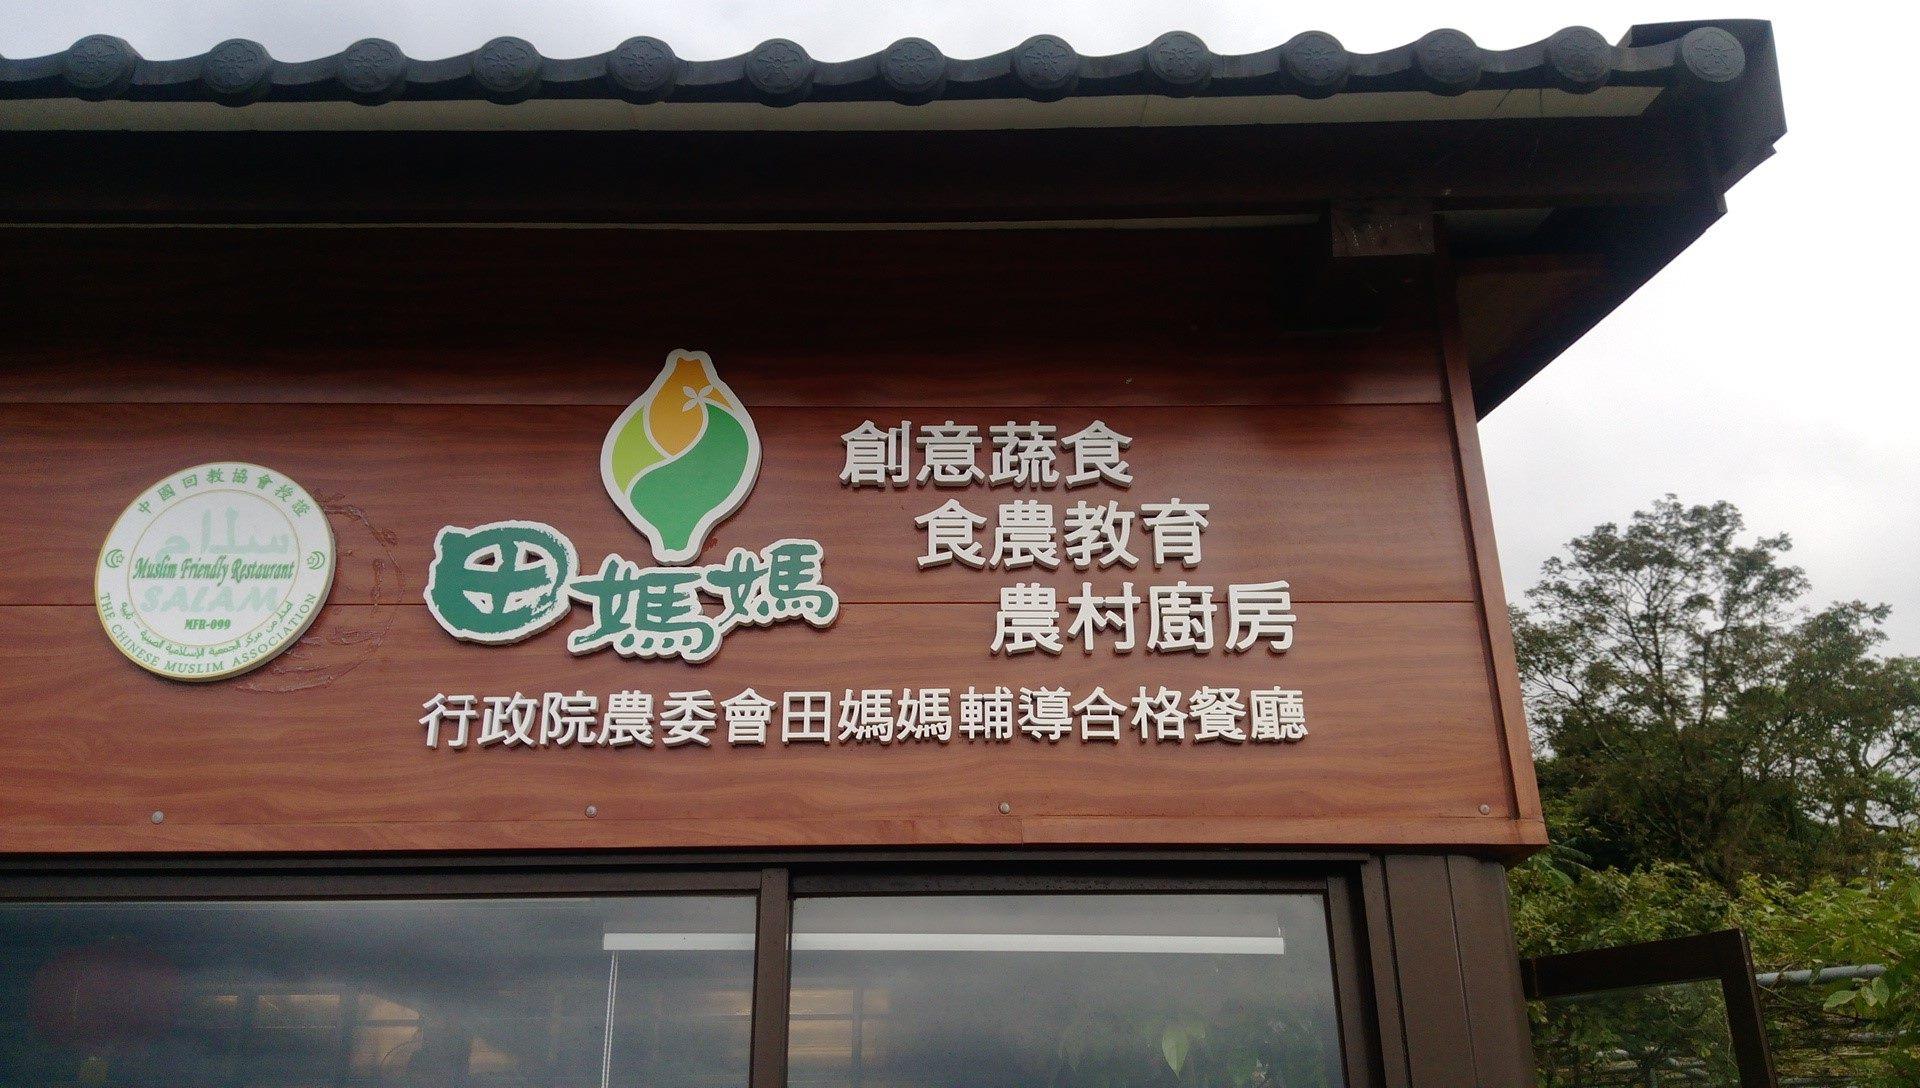 梅居休閒農場為田媽媽合格餐廳